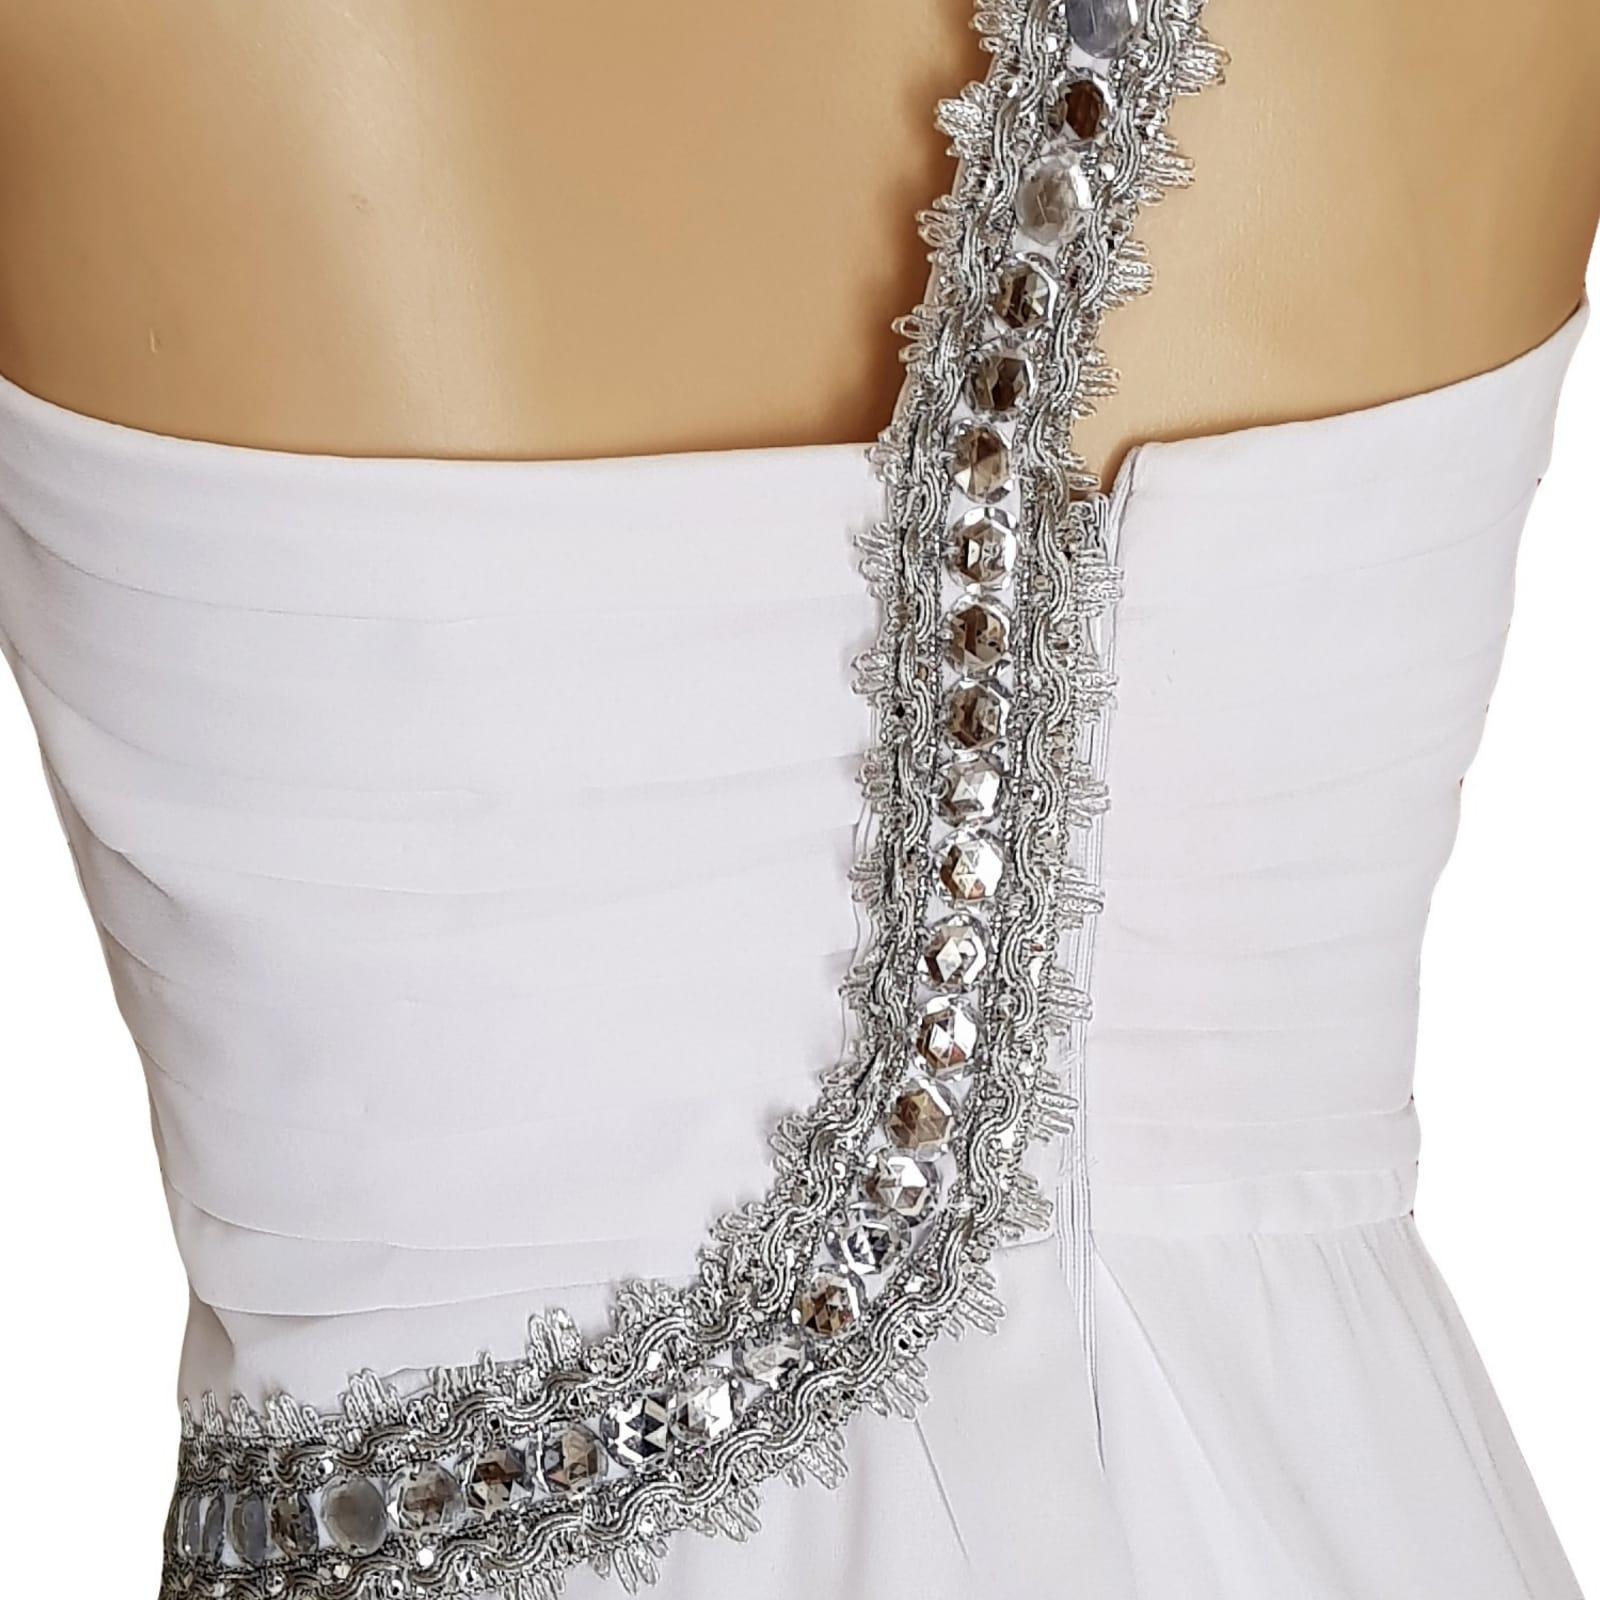 Vestido de casamento de noiva com corpete reunido 7 vestido de casamento de noiva com corpete reunido, com alça de prata em um ângulo da cintura sobre o ombro para trás. Vestido de noiva de chiffon com uma camada dupla hi lo.